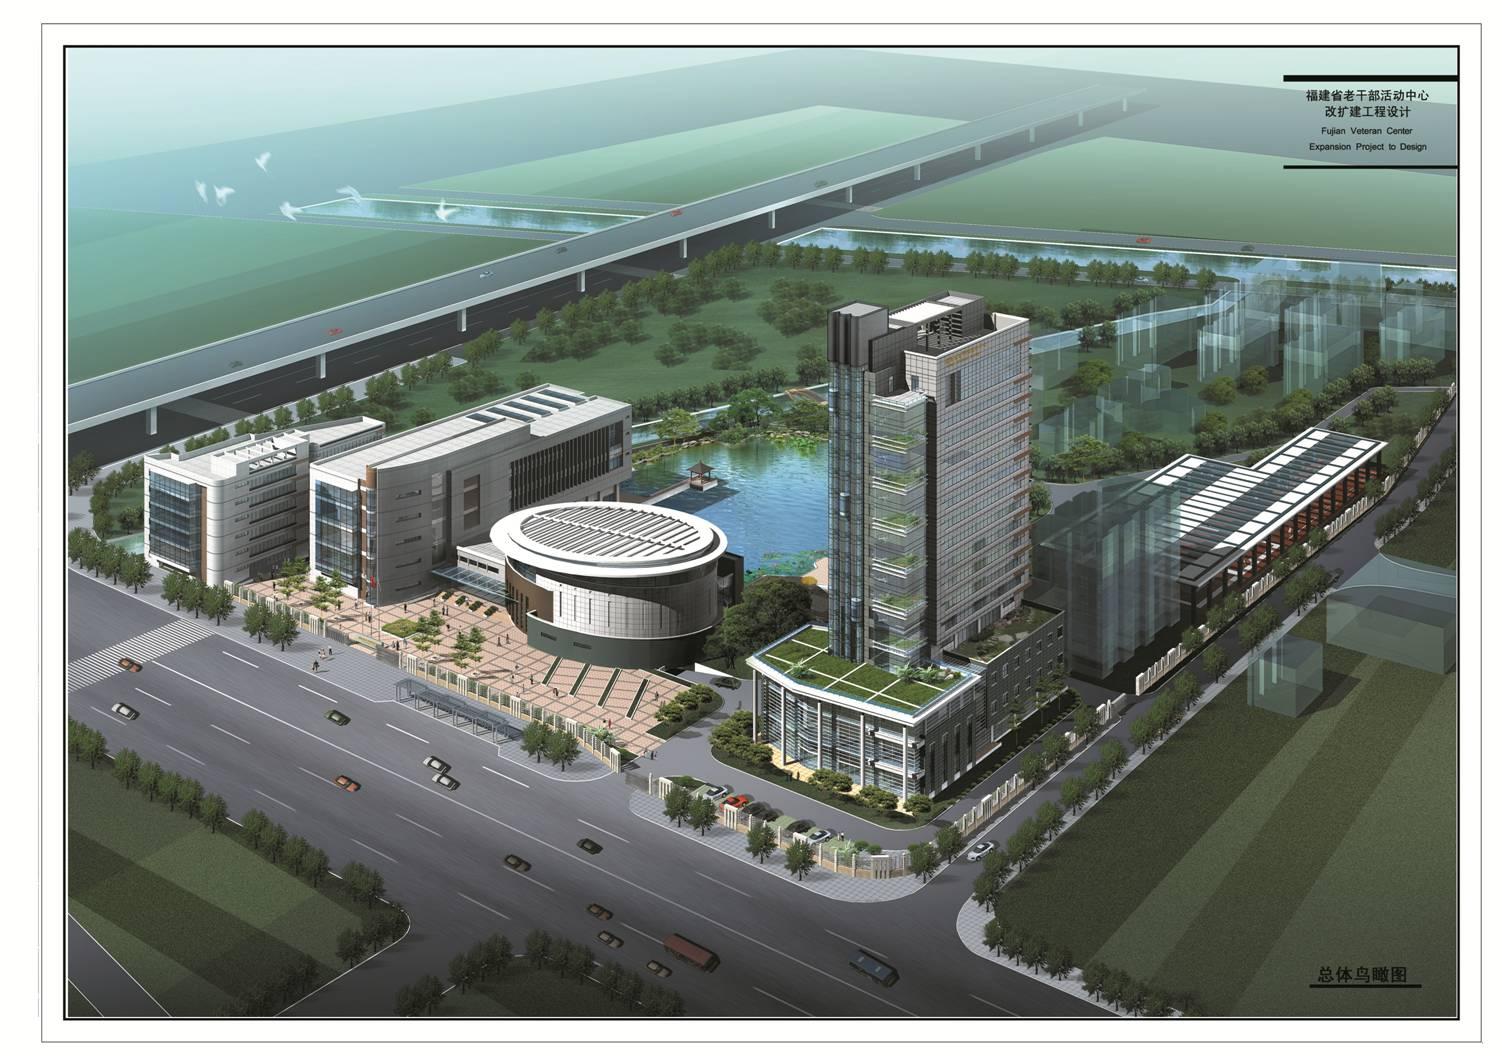 福建省老干部活动中心改扩建工程